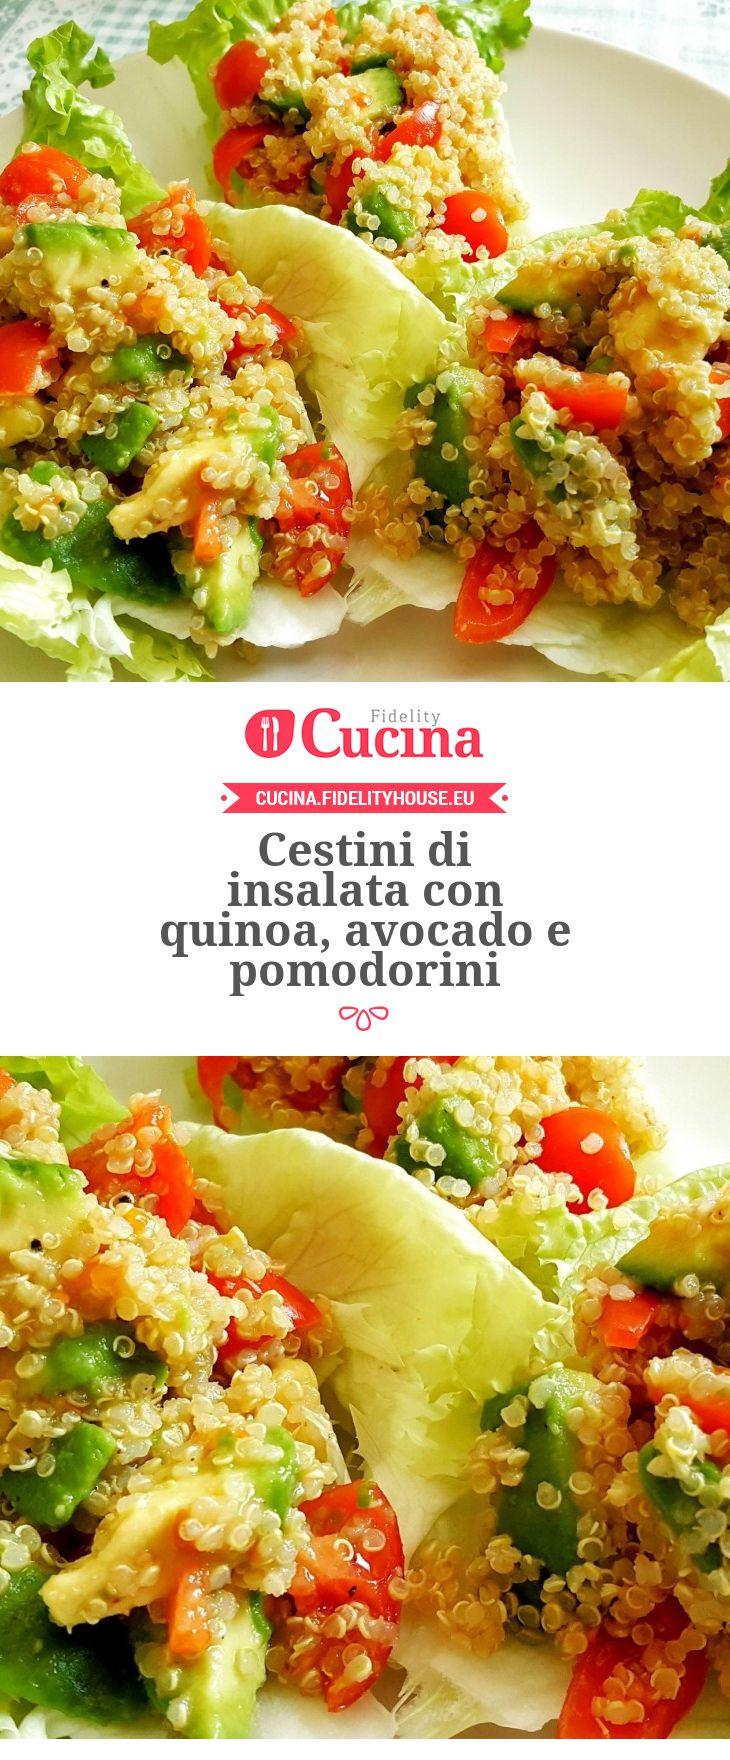 Cestini di insalata con quinoa, avocado e pomodorini